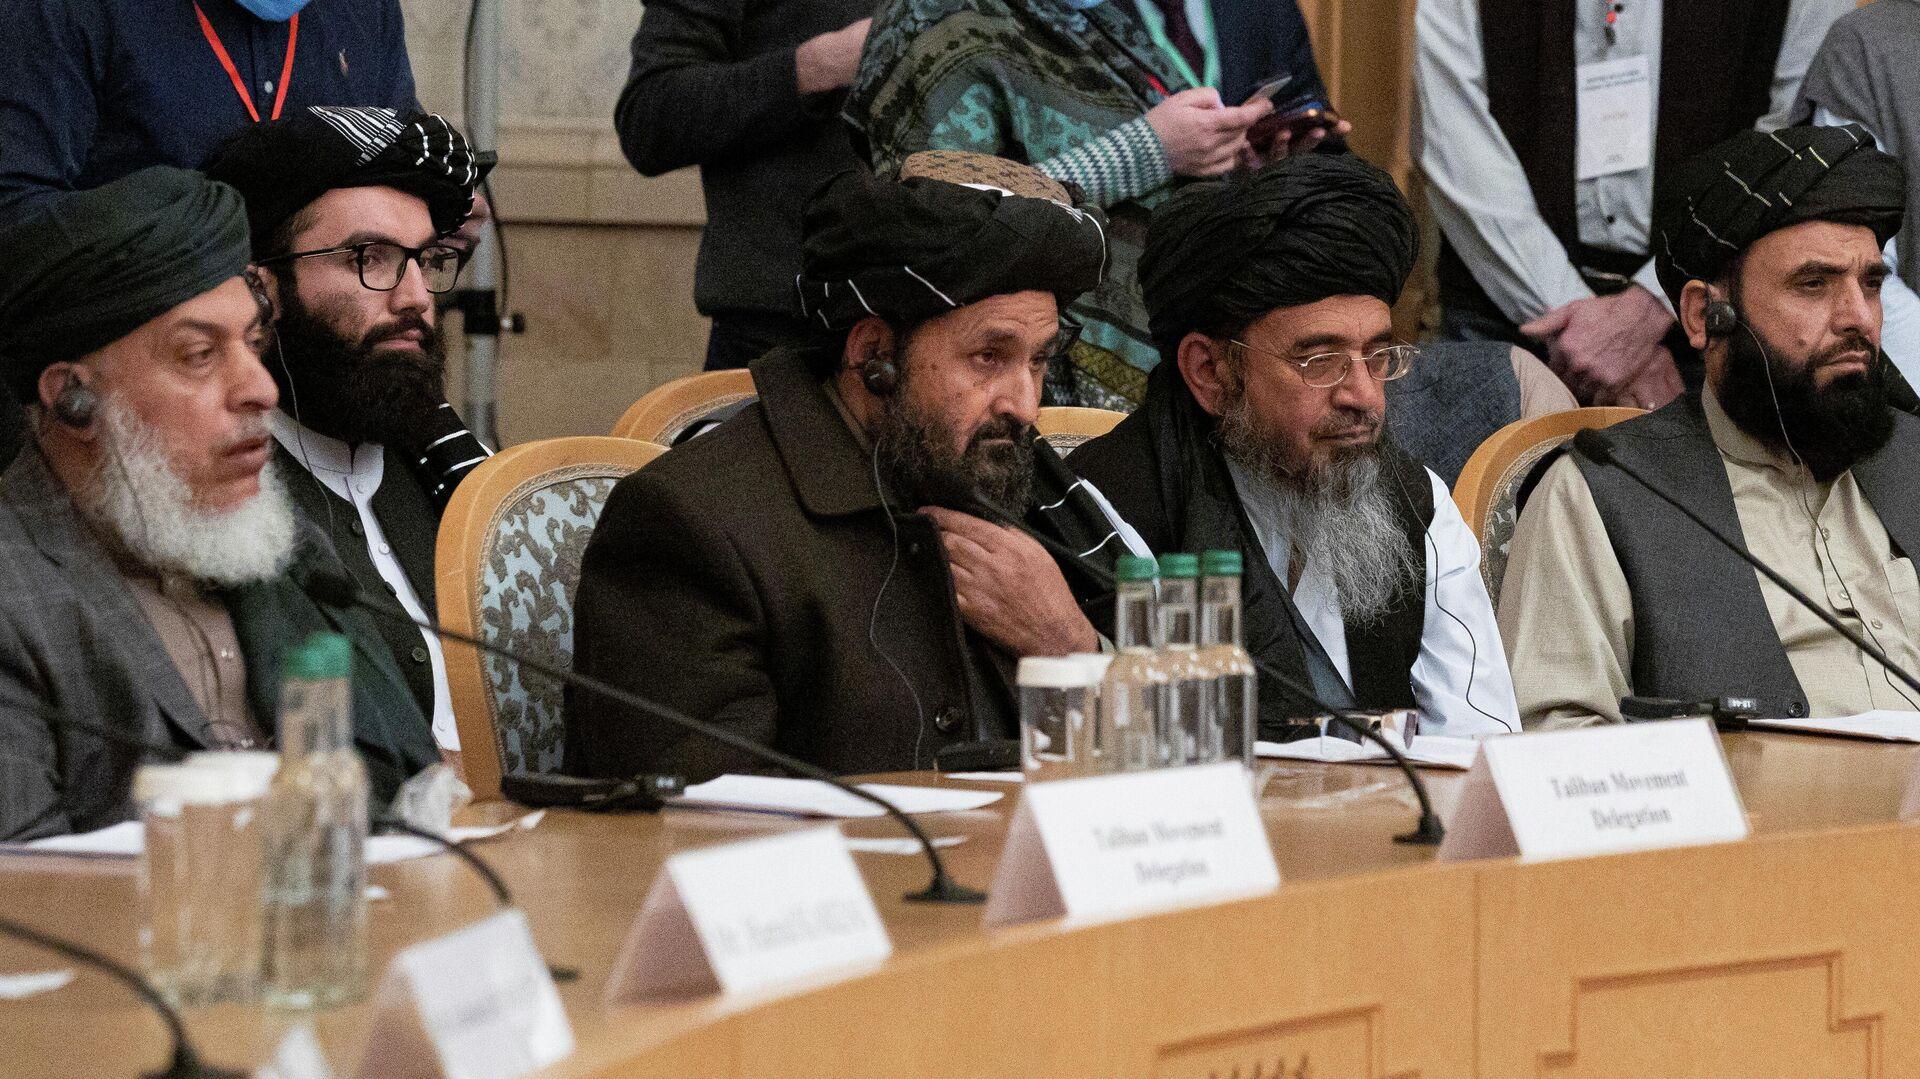 Los negociadores del Gobierno de Afganistán y del Movimiento Talibán* durante las conversaciones de paz en Moscú - Sputnik Mundo, 1920, 19.03.2021